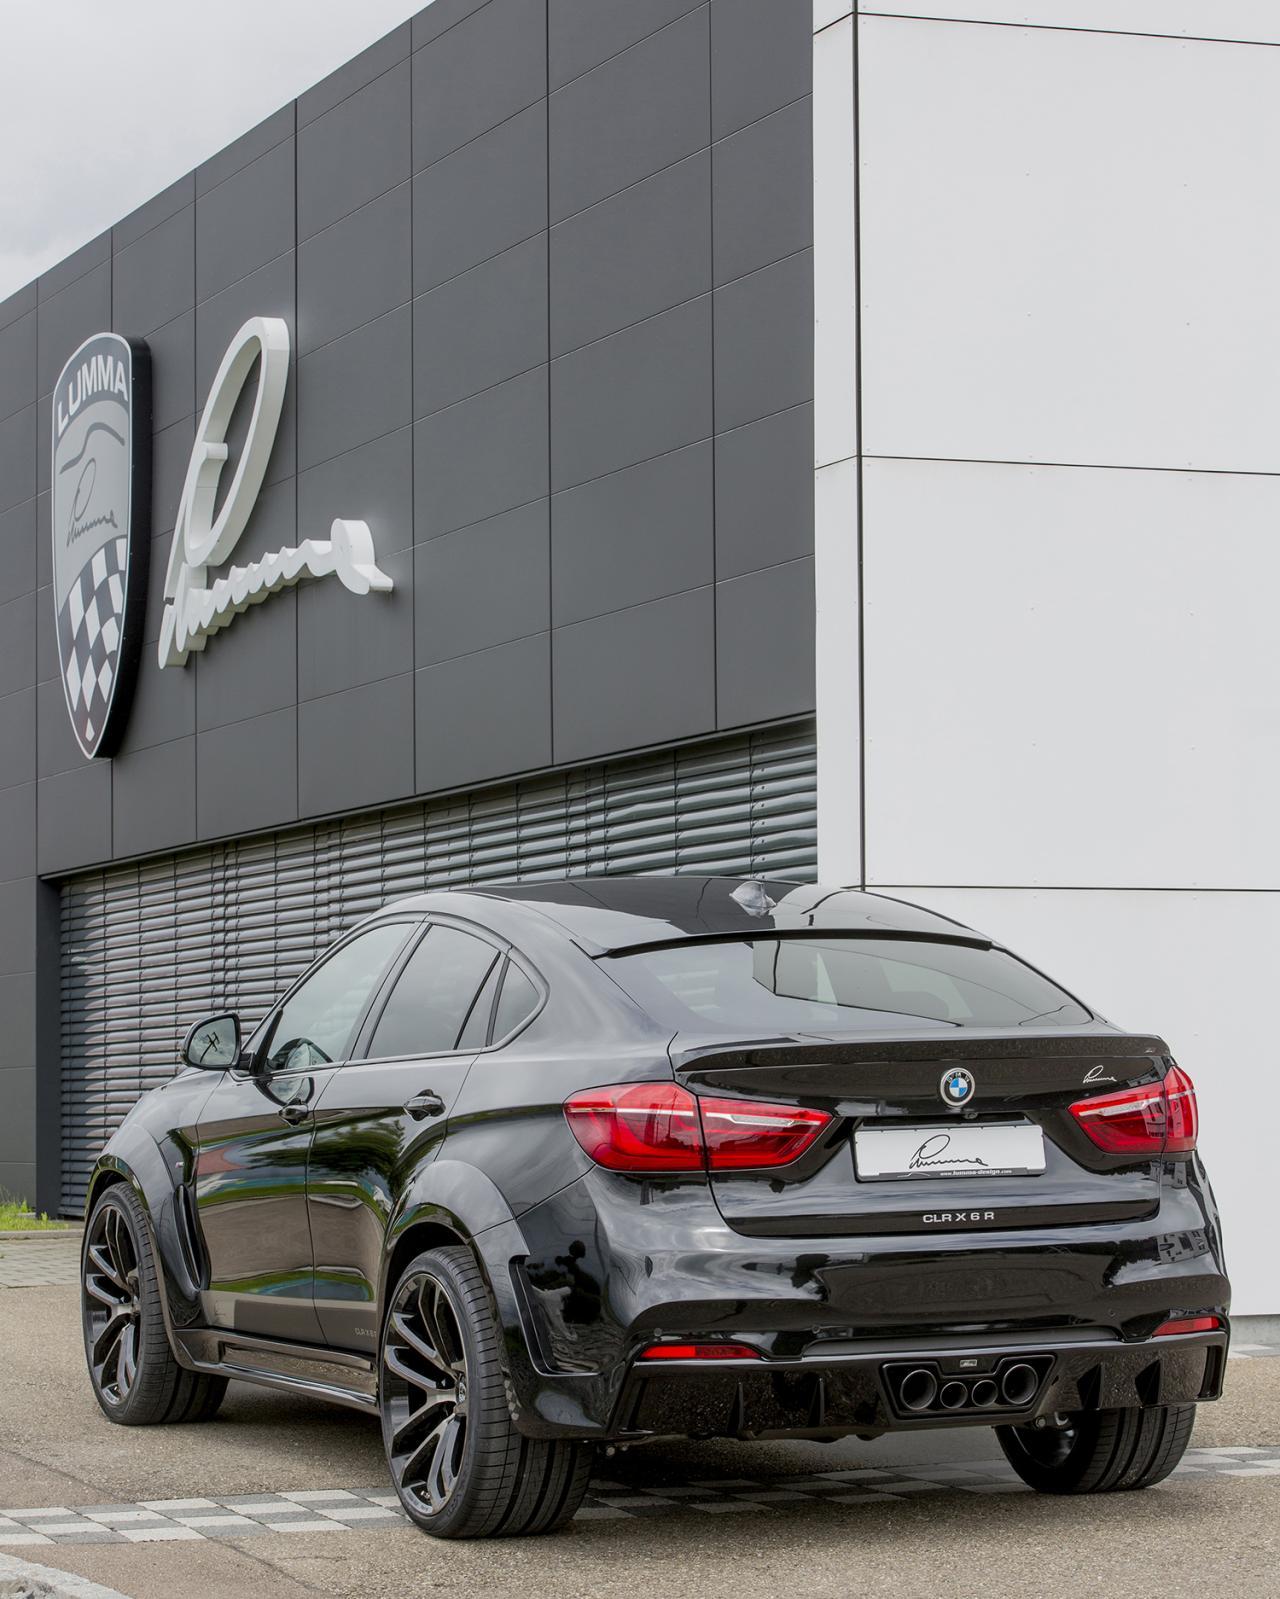 Bmw X6 Xdrive50i Review: Lumma Design Presenta Un Agresivo BMW X6